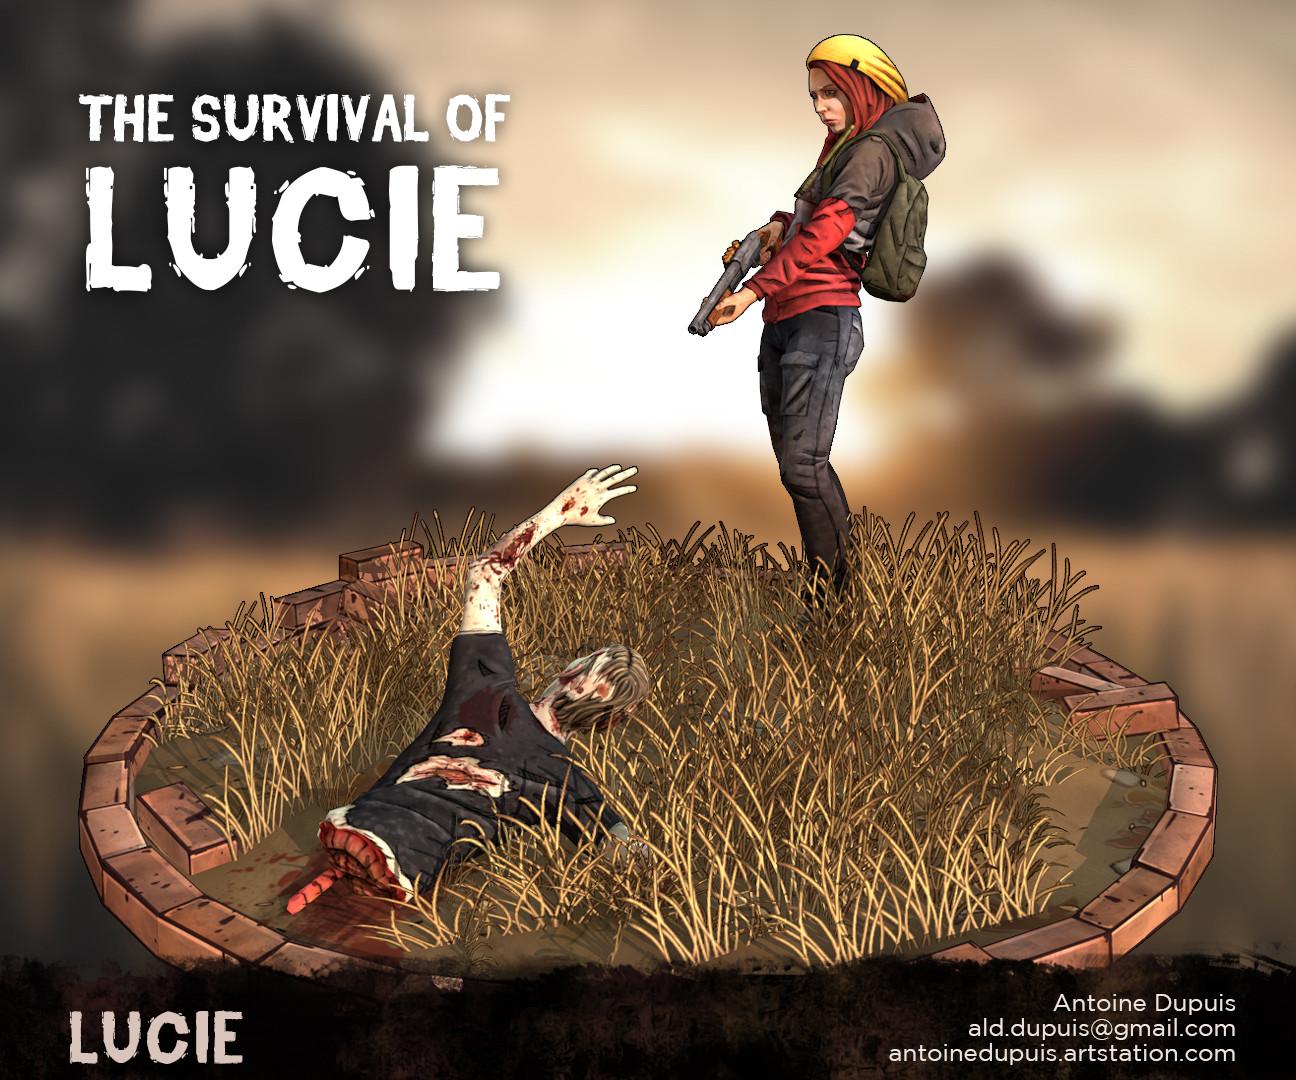 Antoine dupuis survivaloflucie 05